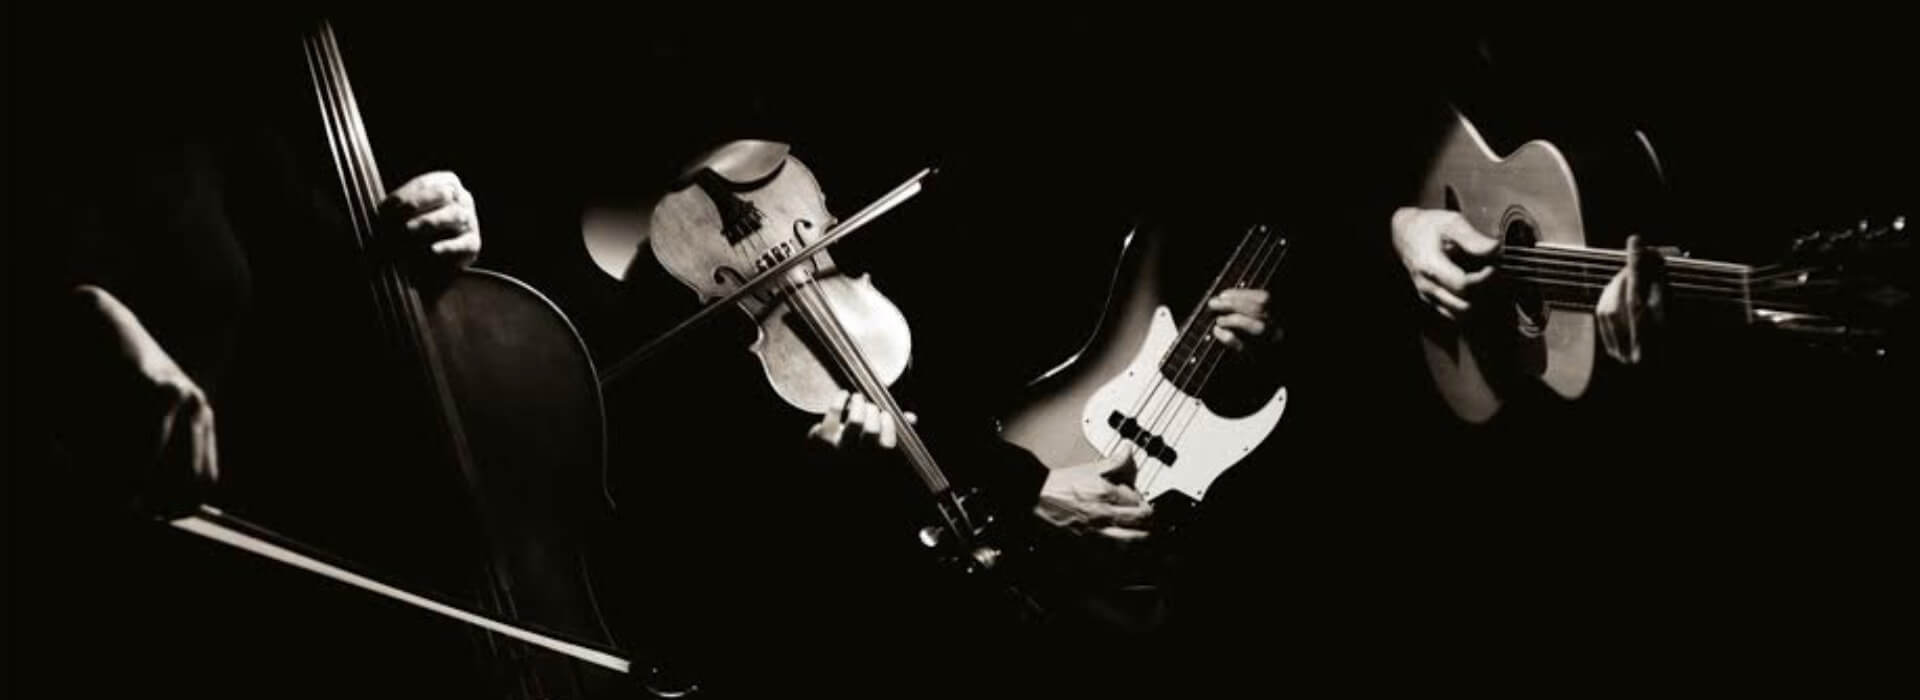 Концерт группы Ghst